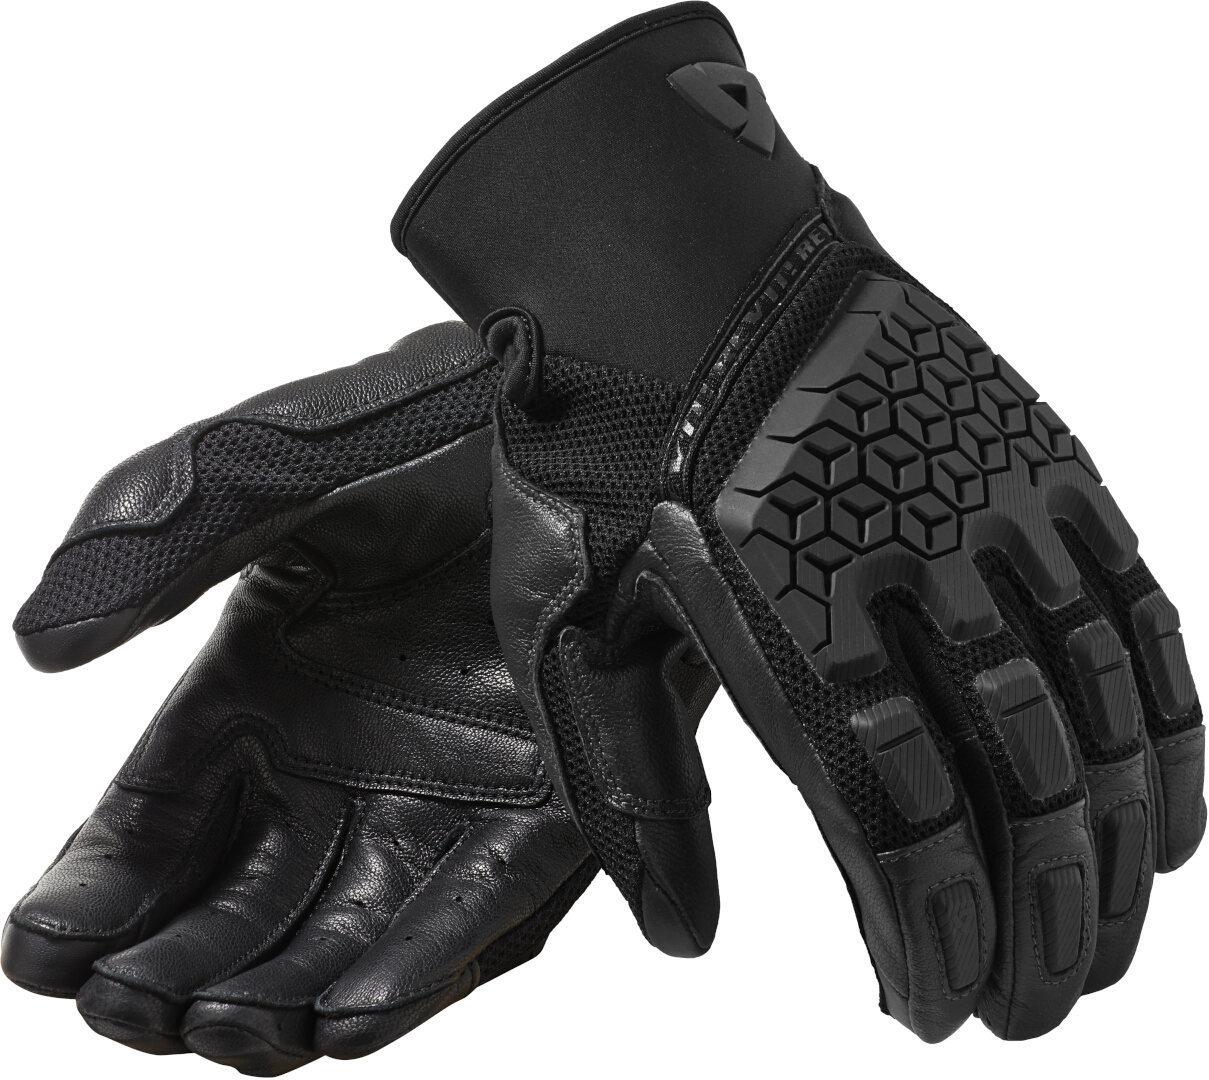 Revit Caliber Motorradhandschuhe, schwarz, Größe L, schwarz, Größe L